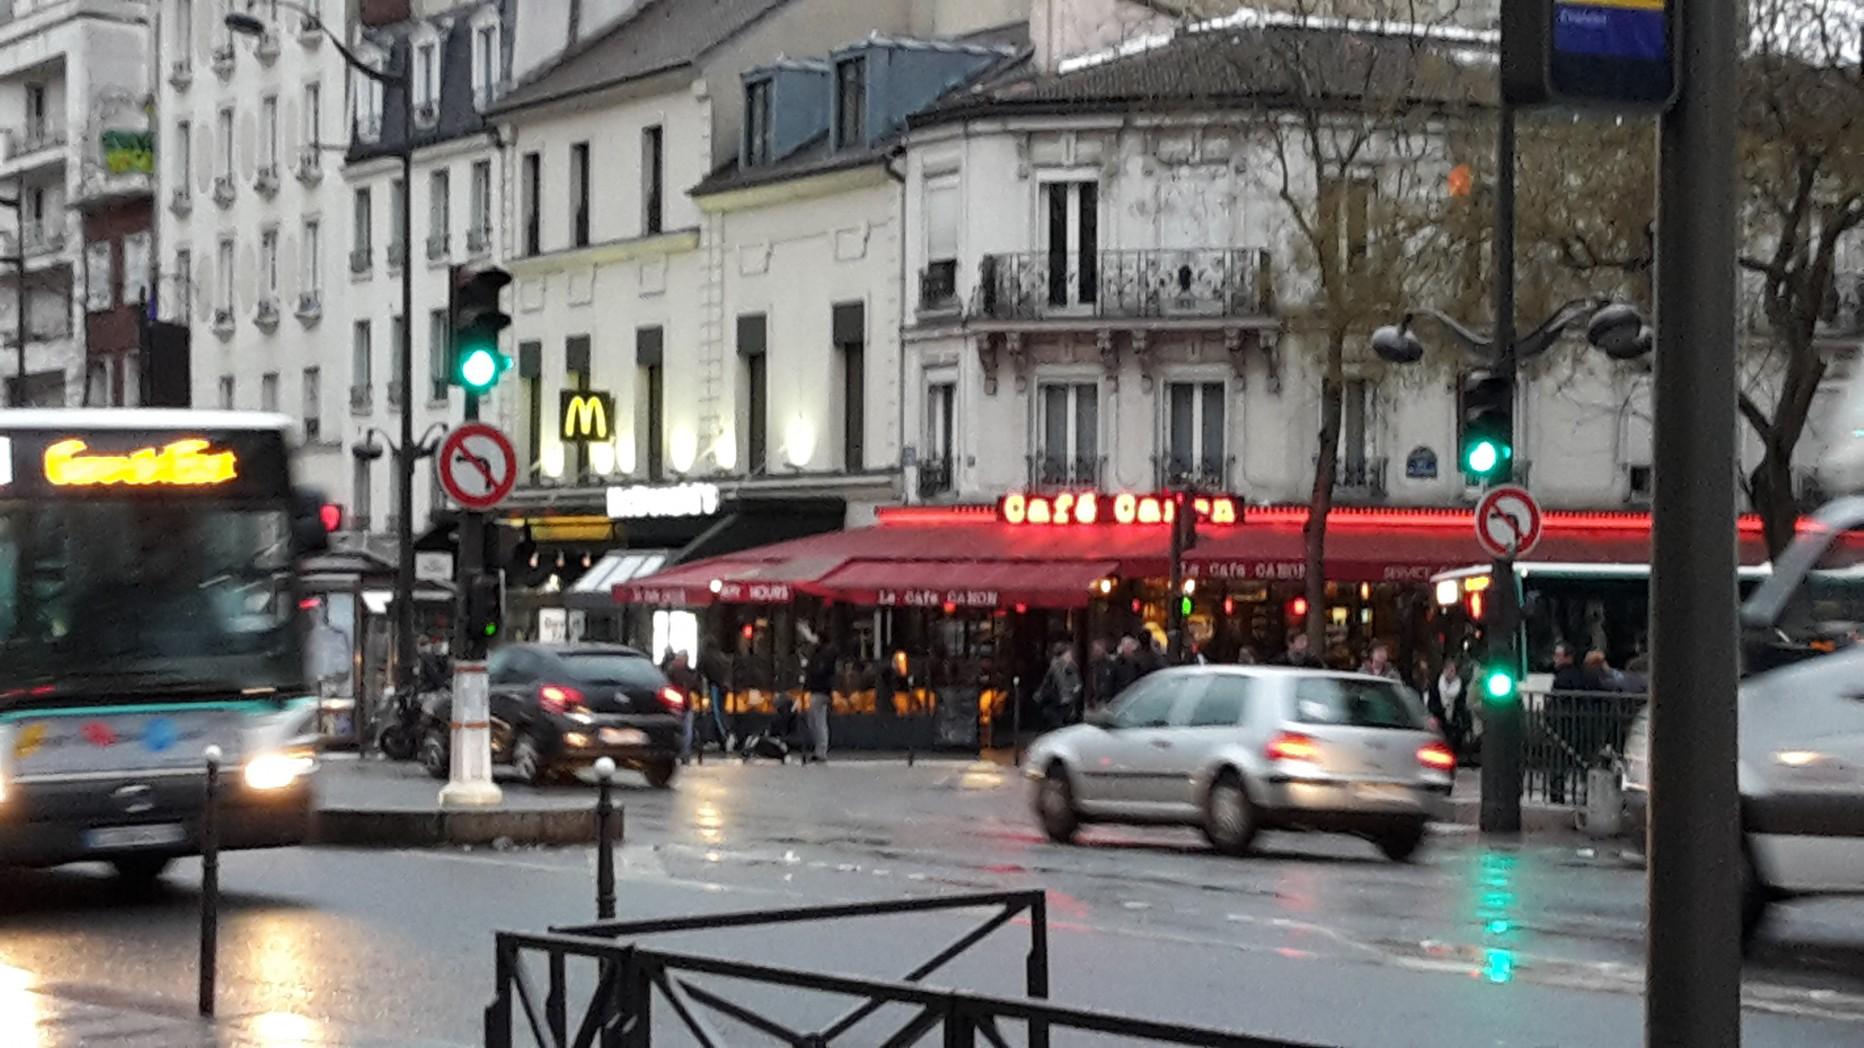 bureau de poste paris 19 l 39 actualit du 18e arrondissement de paris paris aussi ferme ses. Black Bedroom Furniture Sets. Home Design Ideas